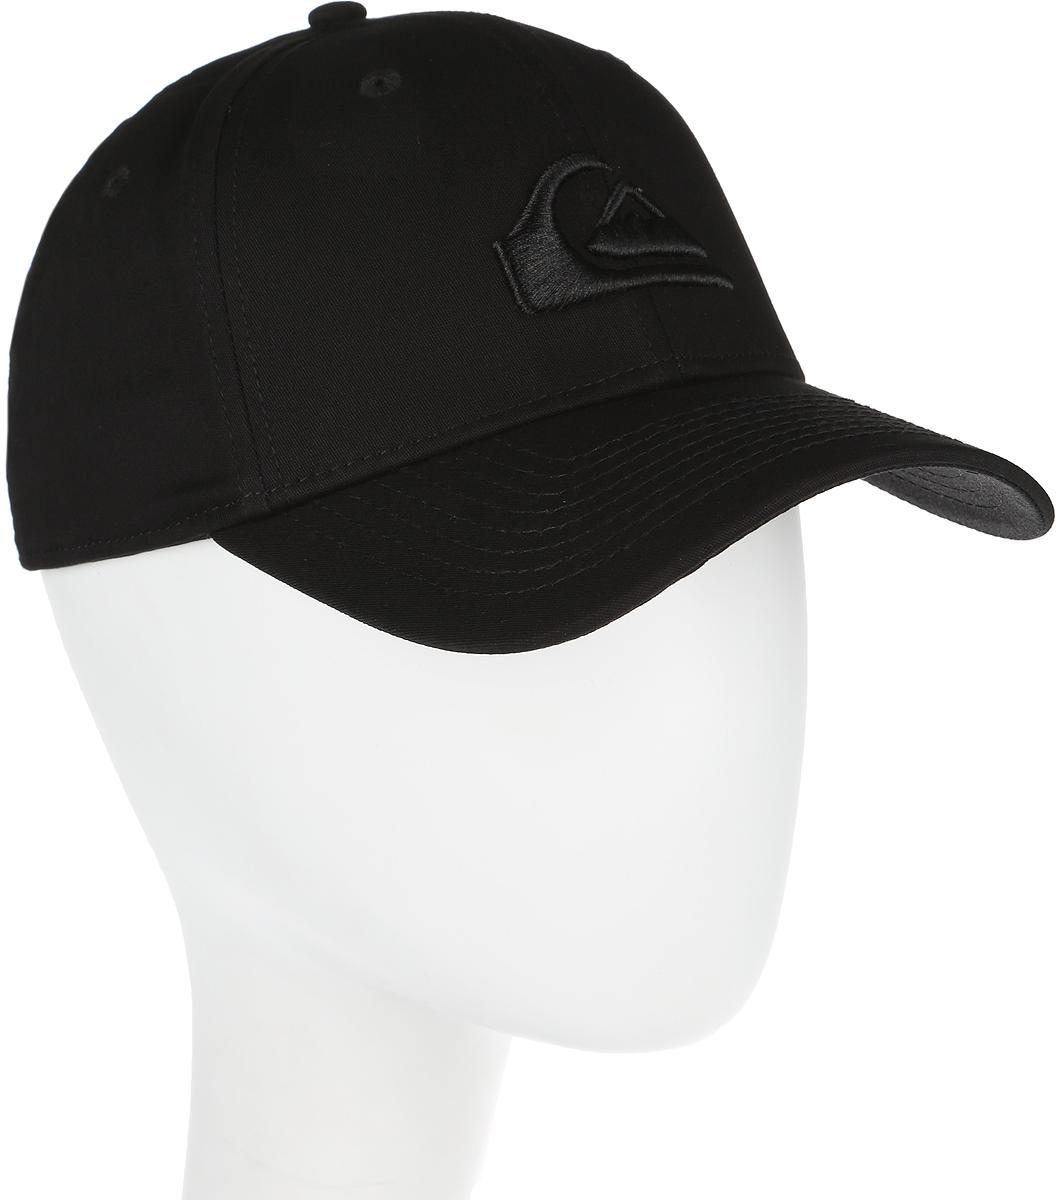 Бейсболка мужская Quiksilver M&W, цвет: черный. AQYHA03487-KVJ0. Размер M/L (56/57)AQYHA03487-KVJ0Стильная бейсболка Quiksilver, выполненная из хлопка, идеально подойдет для прогулок, занятия спортом и отдыха. Изделие оформлено вышивкой с логотипом бренда